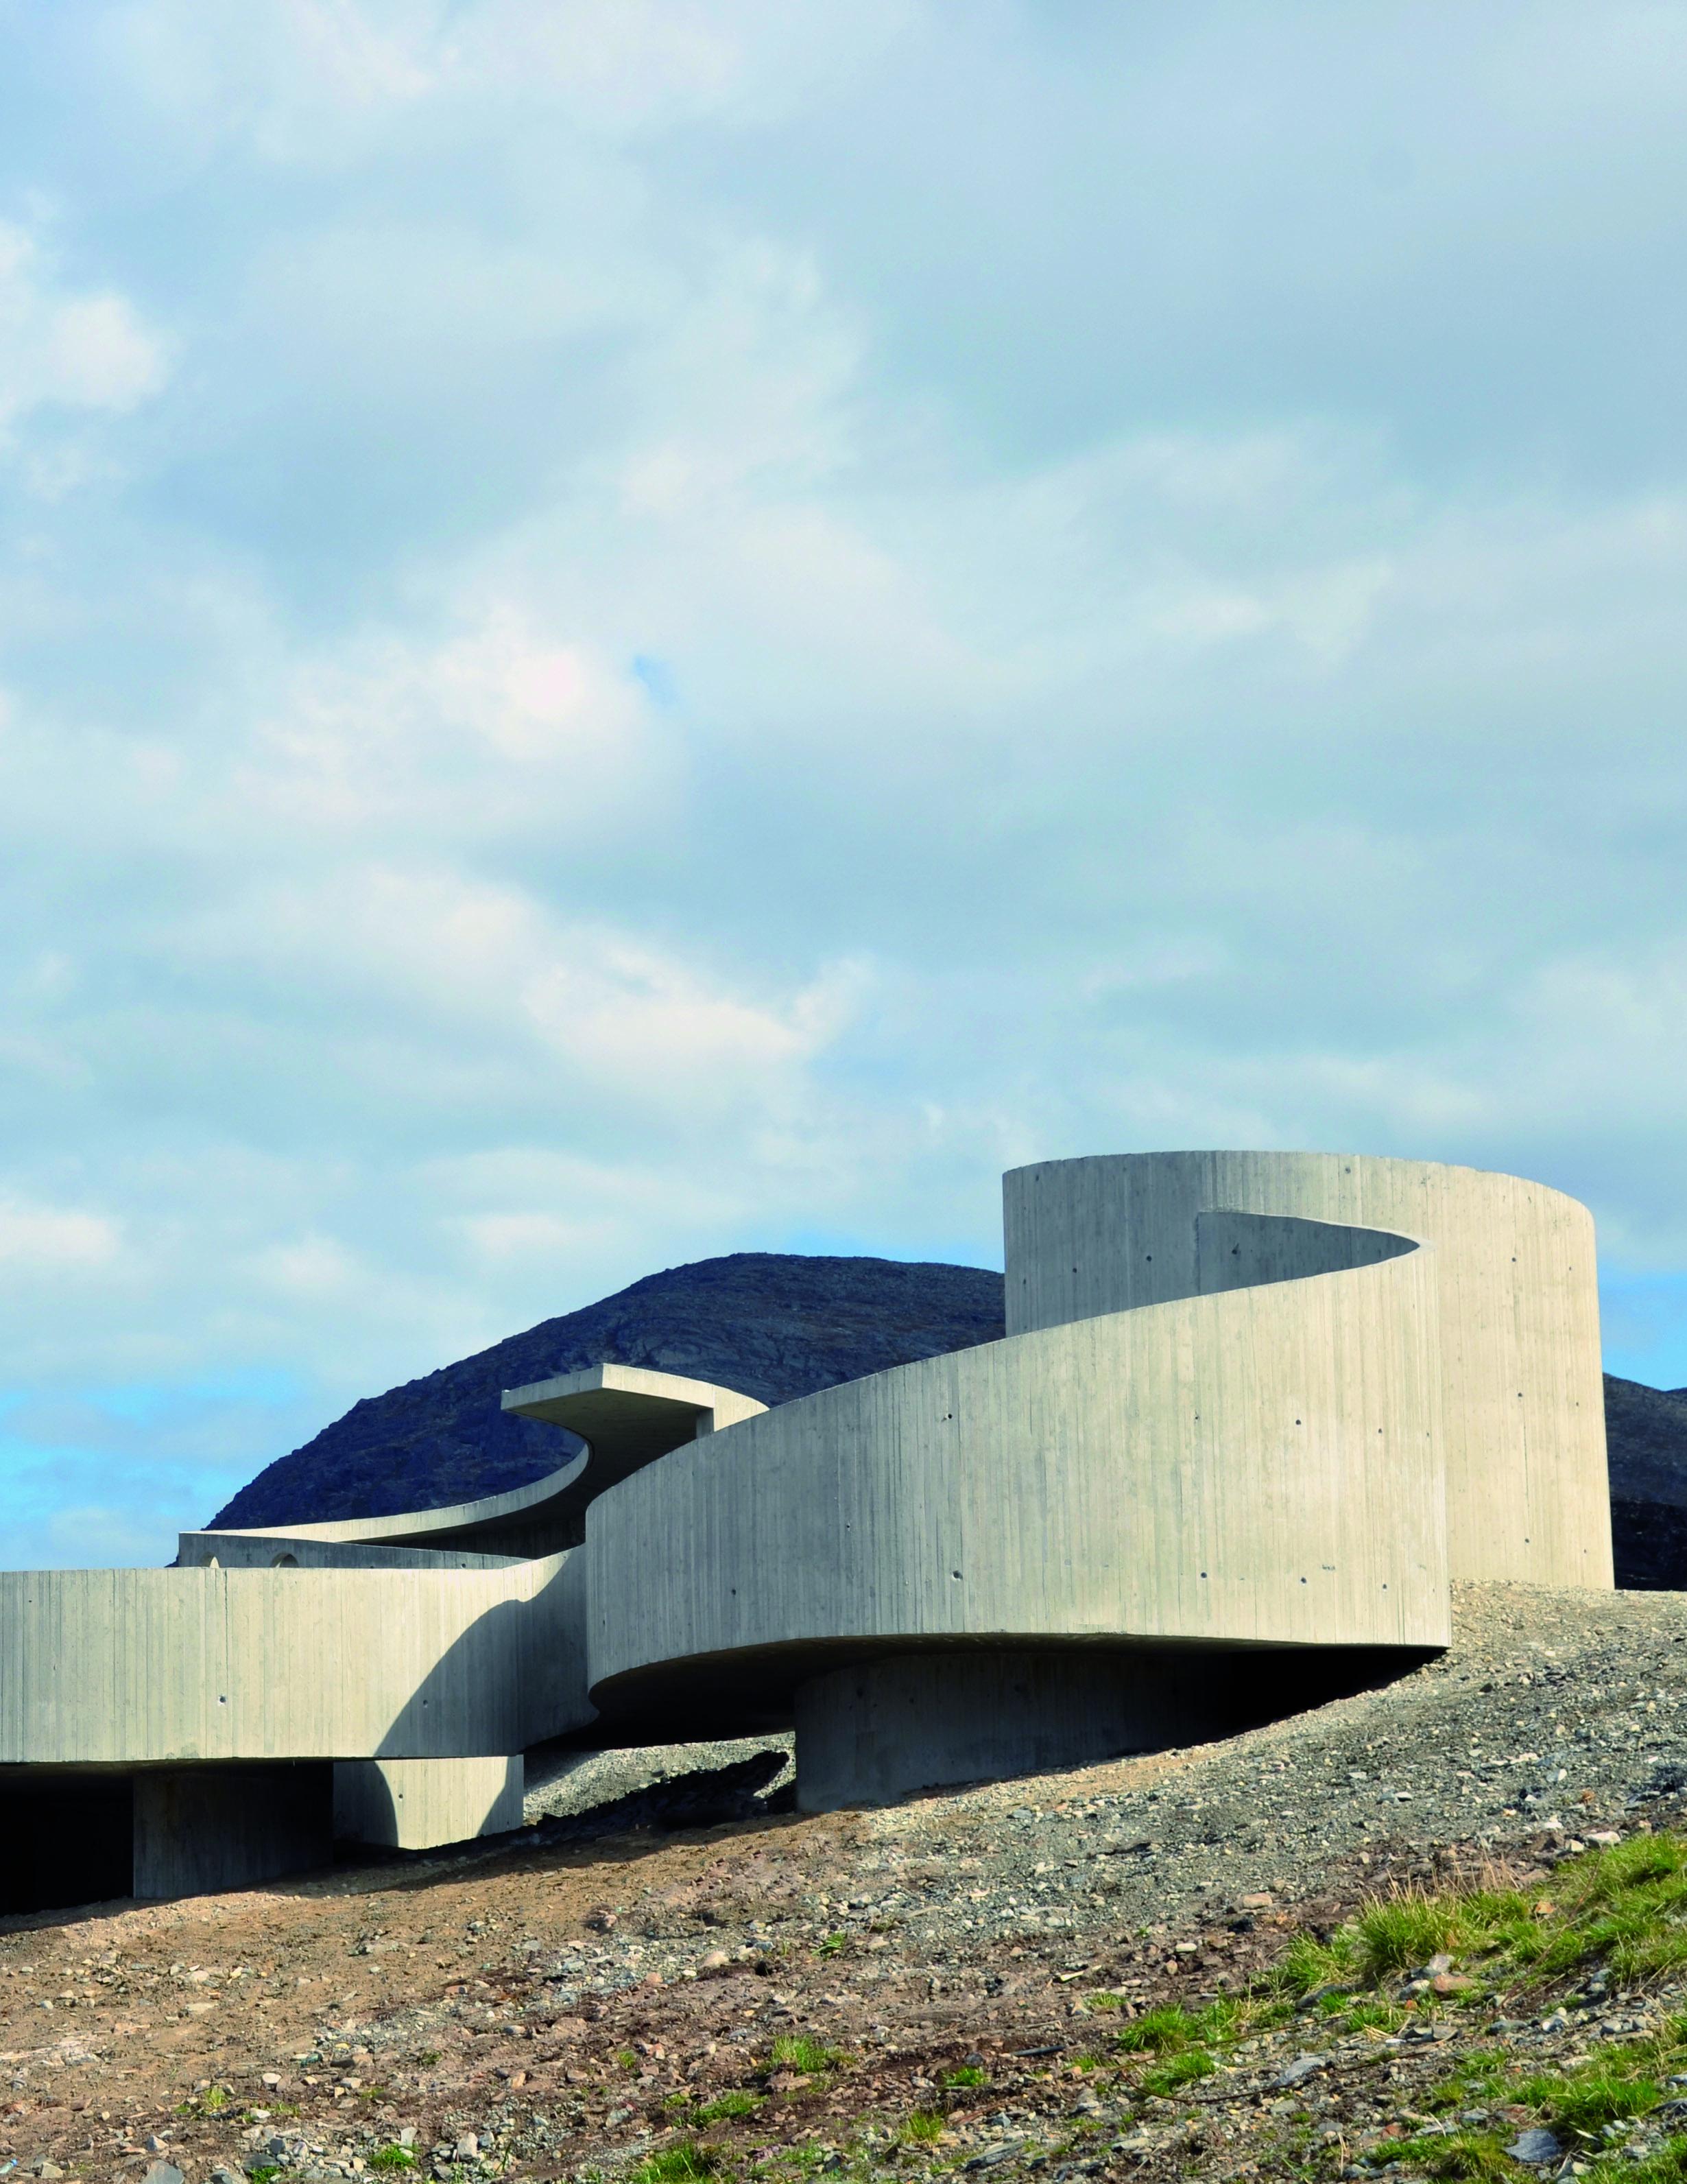 Die Raststation und Aussichtsplattform am nordwegischen Küstenort Selvika beherrscht souverän den Hüftschwung.